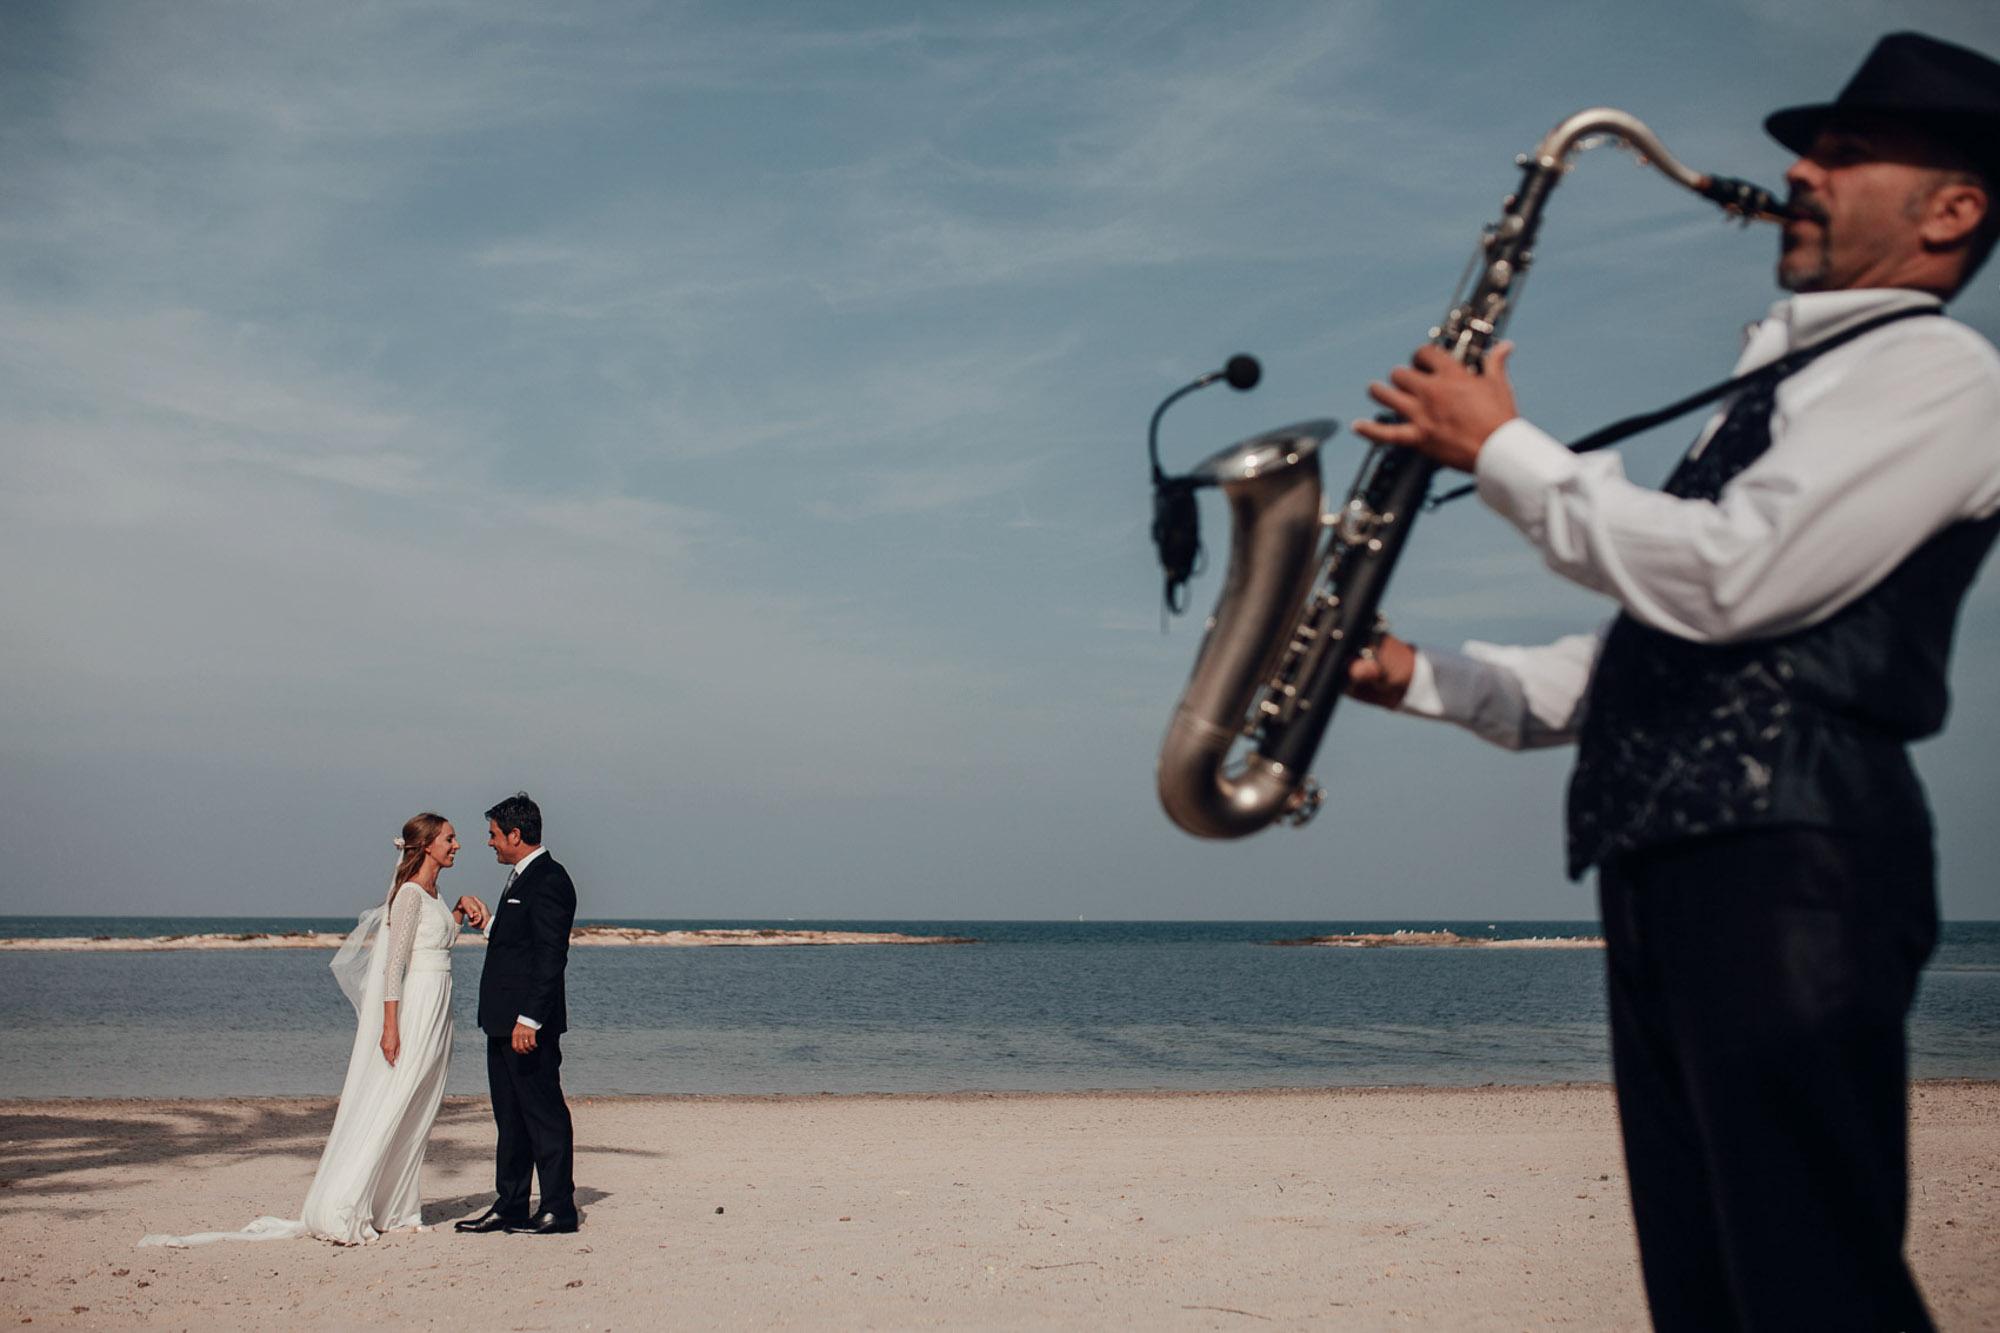 pareja casados playa cabo de palos enlace fotografia musica saxofon